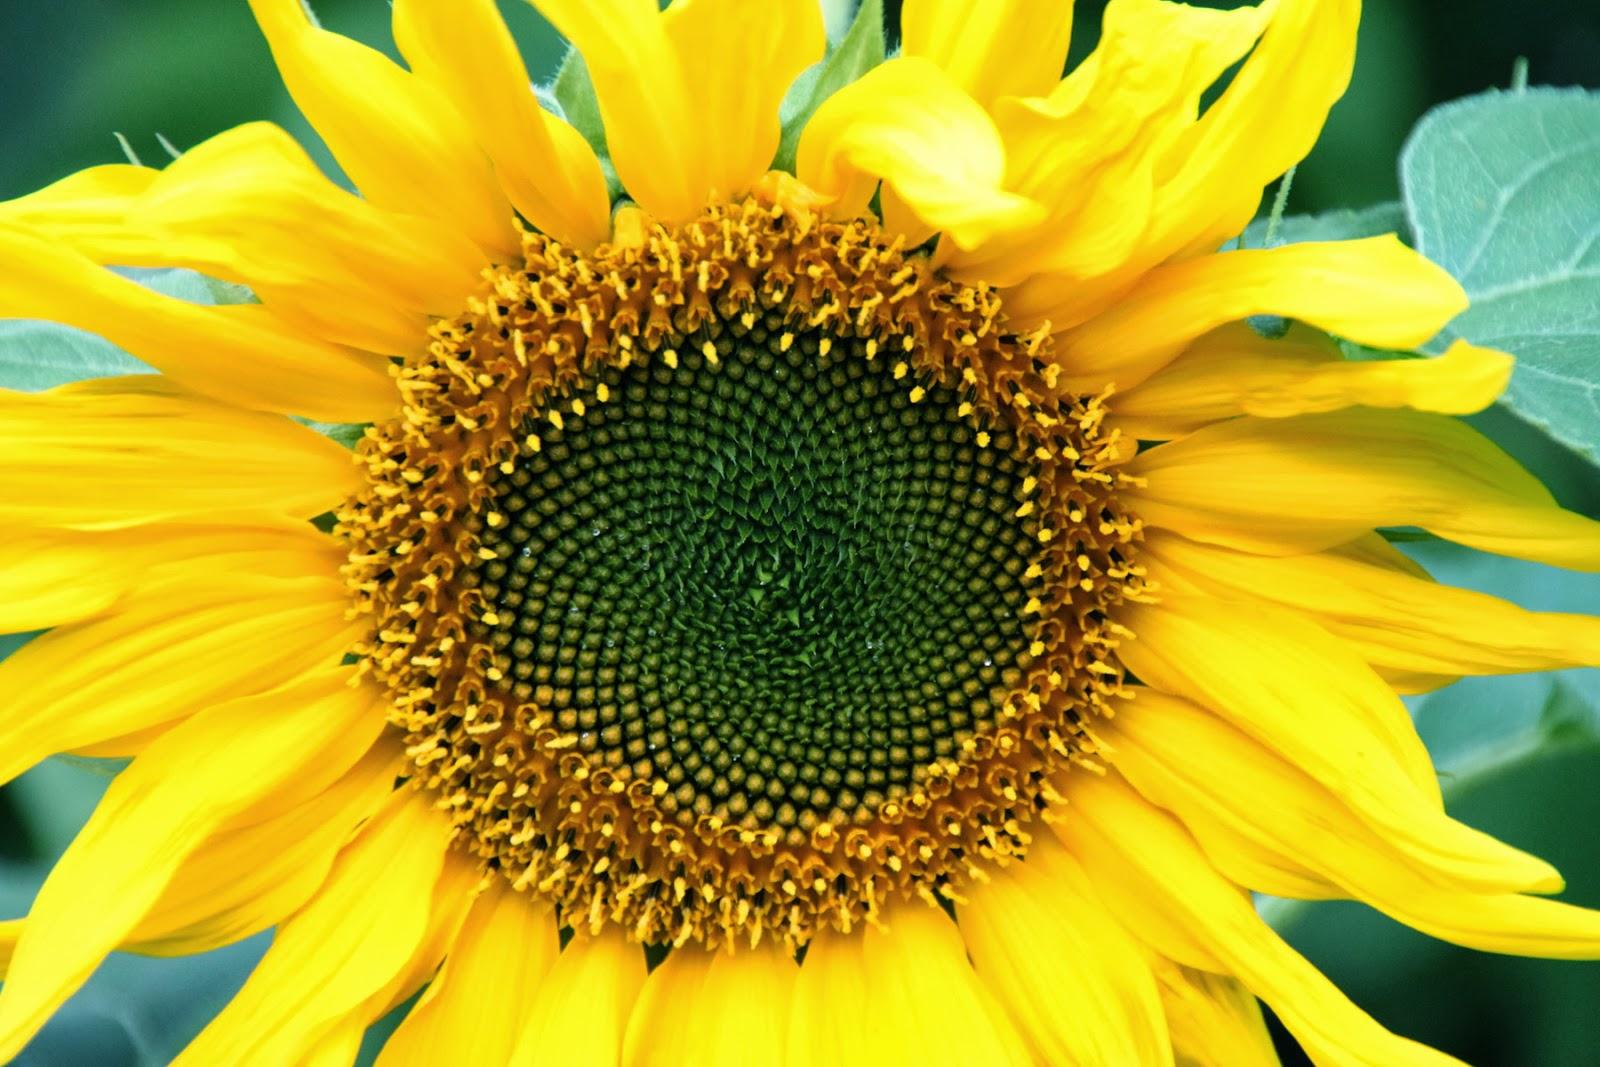 Foto Wallpaper Bunga Matahari